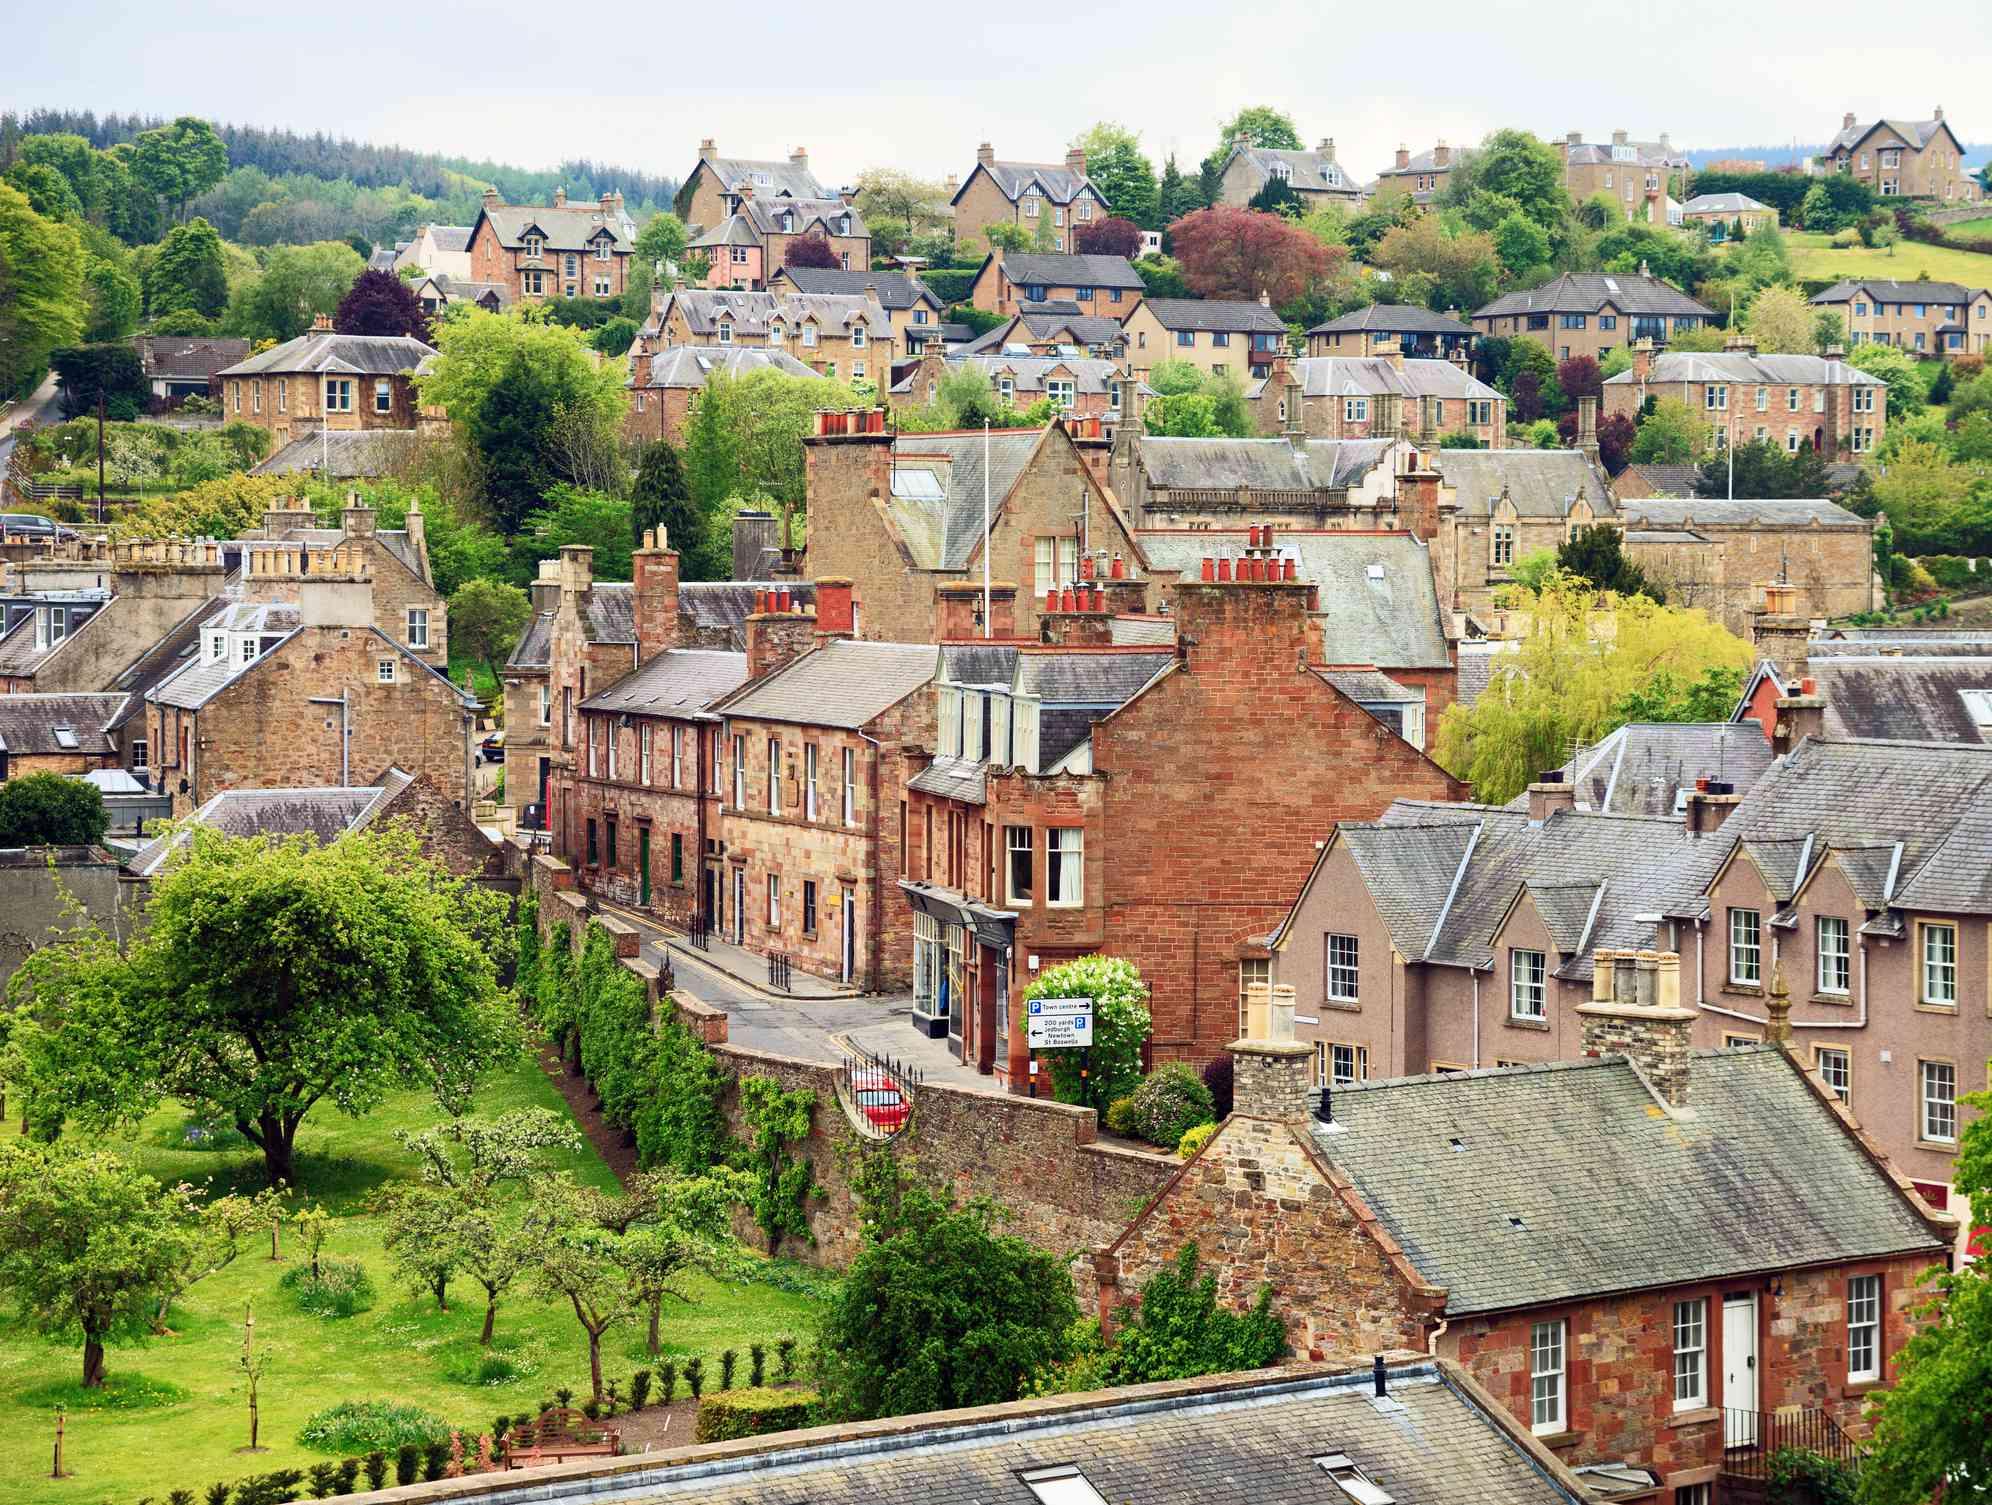 small town in the Scottish Borders, Scotland, United Kingdom